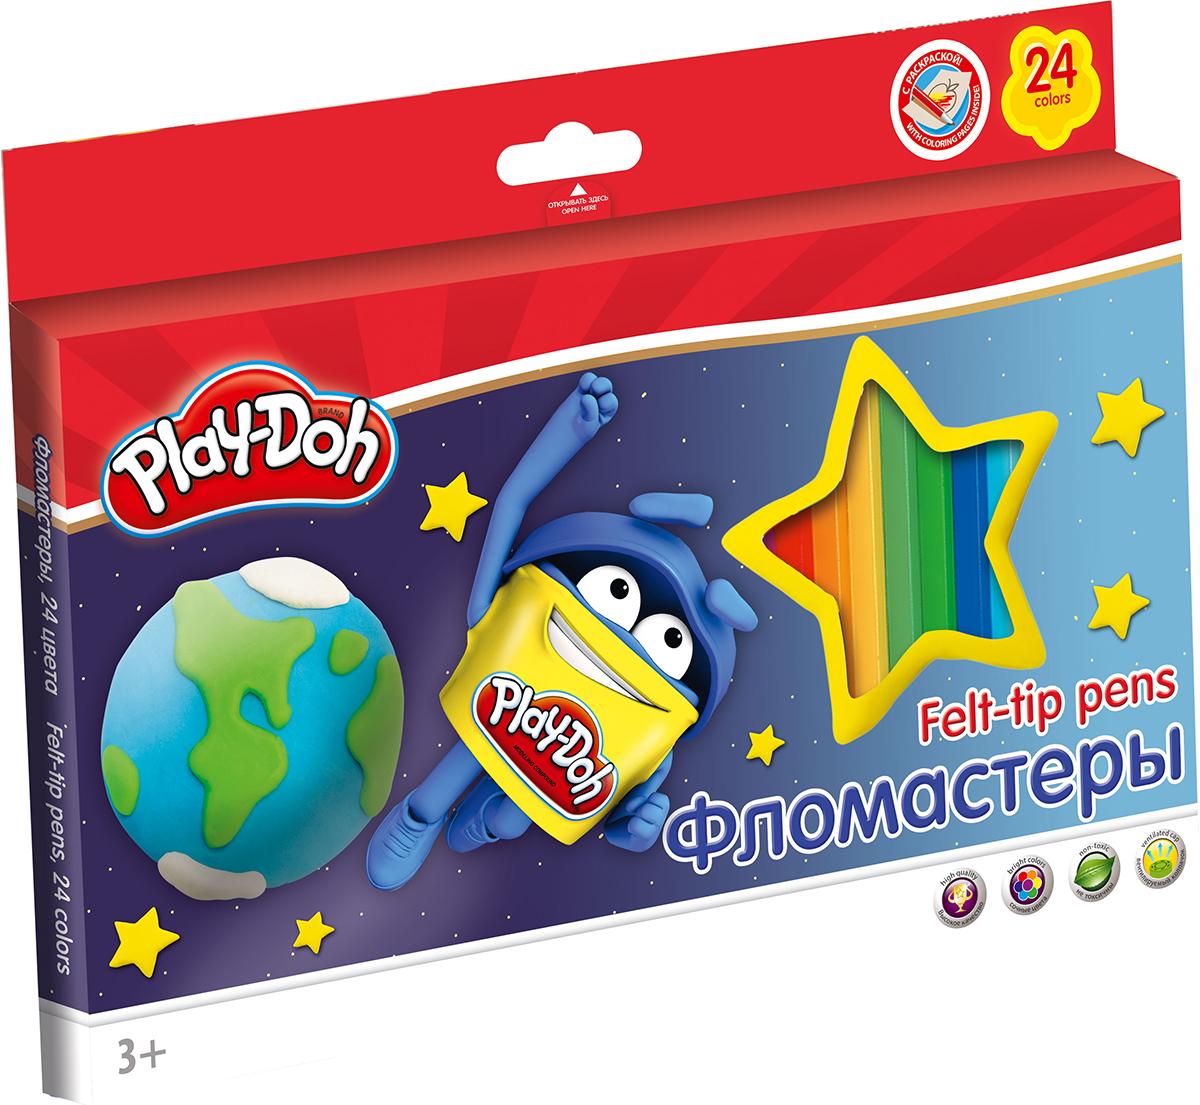 Play-Doh Набор фломастеров 24 цвета -  Фломастеры